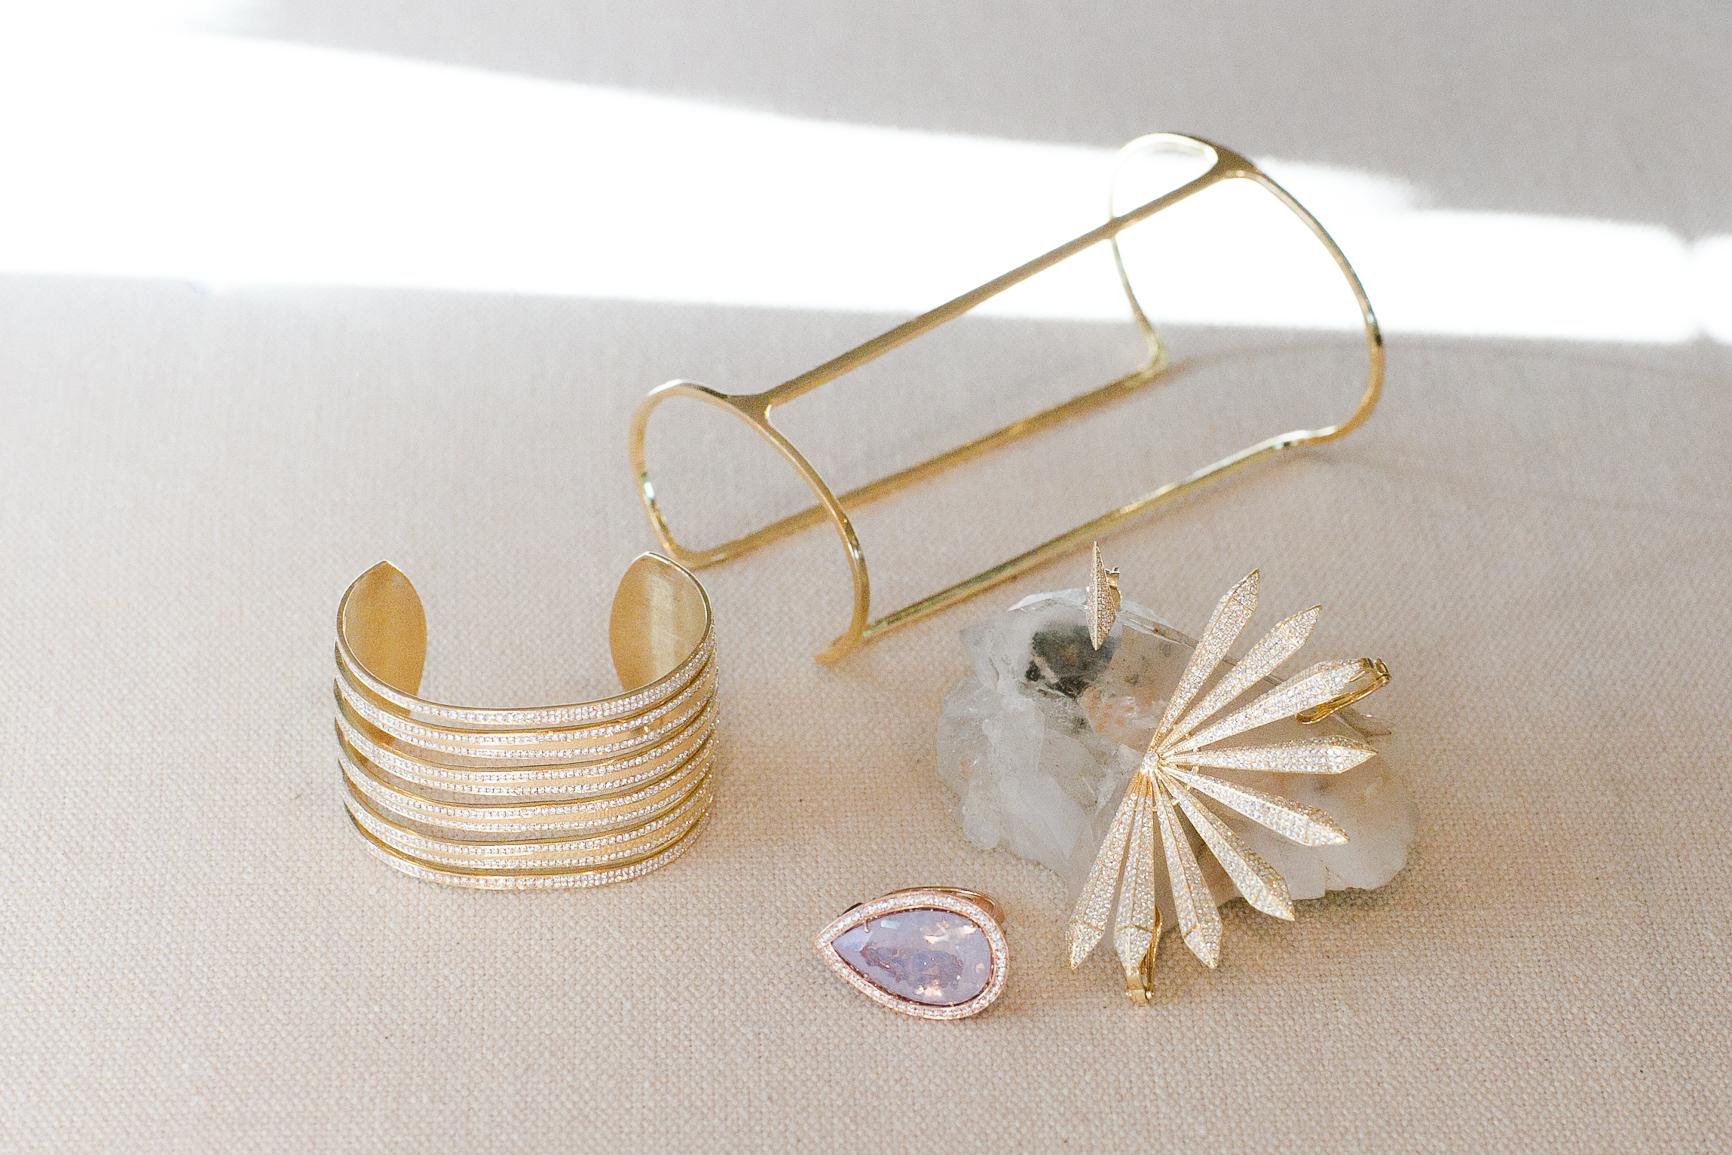 Karma_El_Kahil_Jewelry_by_Naomi_Yamada-14.jpg